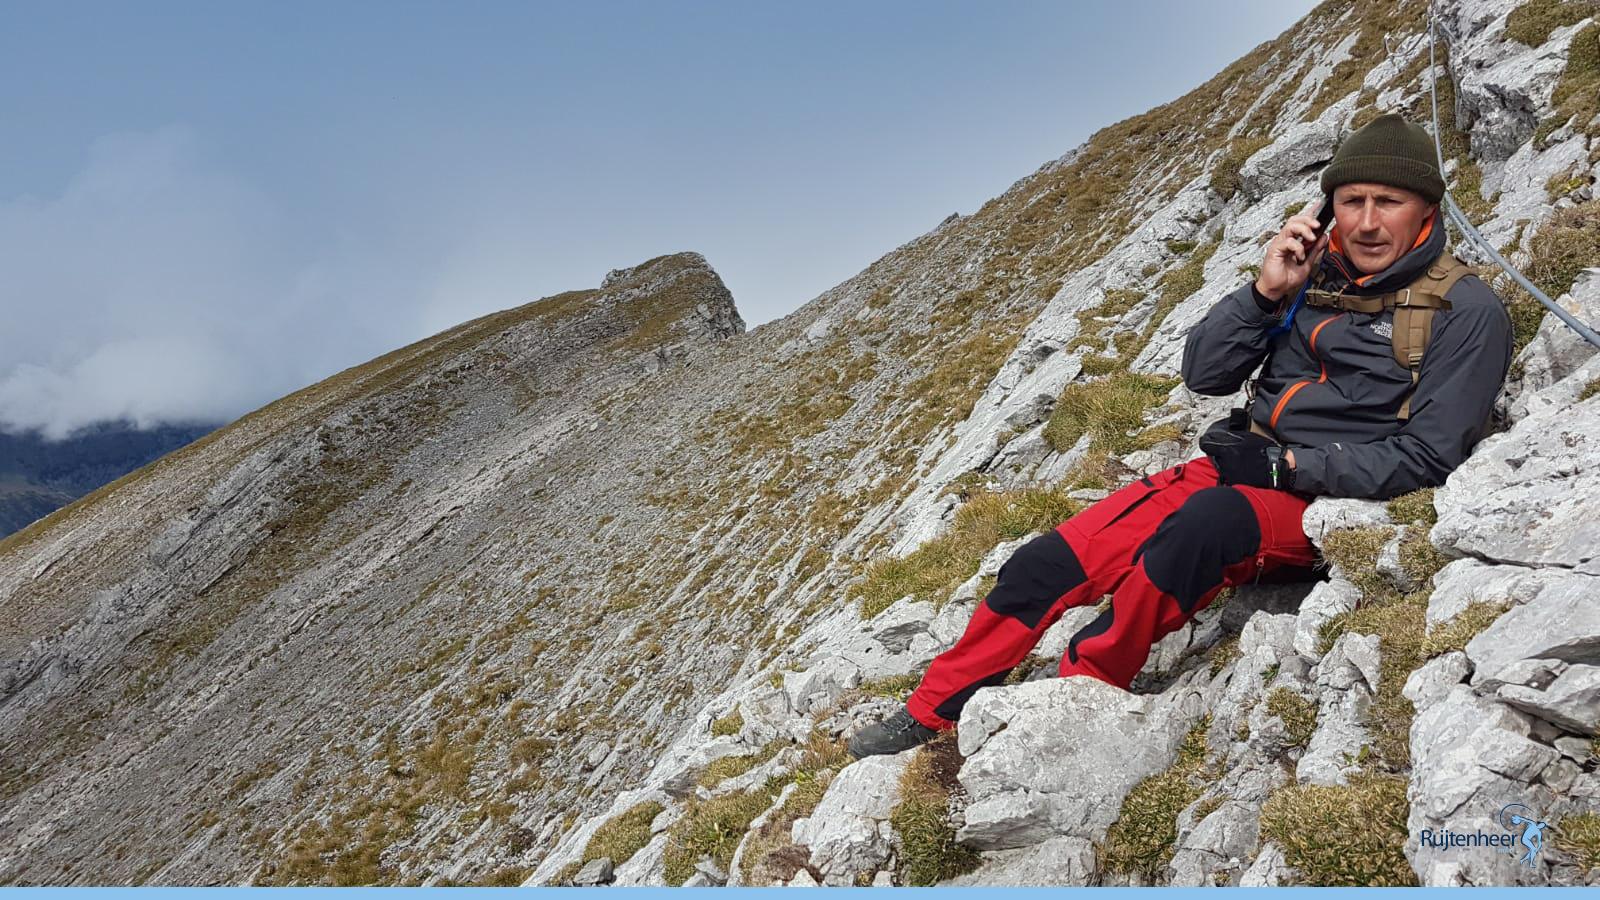 Samen met de Wandelcoach de natuur in, om mentaal en fysiek sterker te worden - Ruijtenheer vitaal Oegstgeest